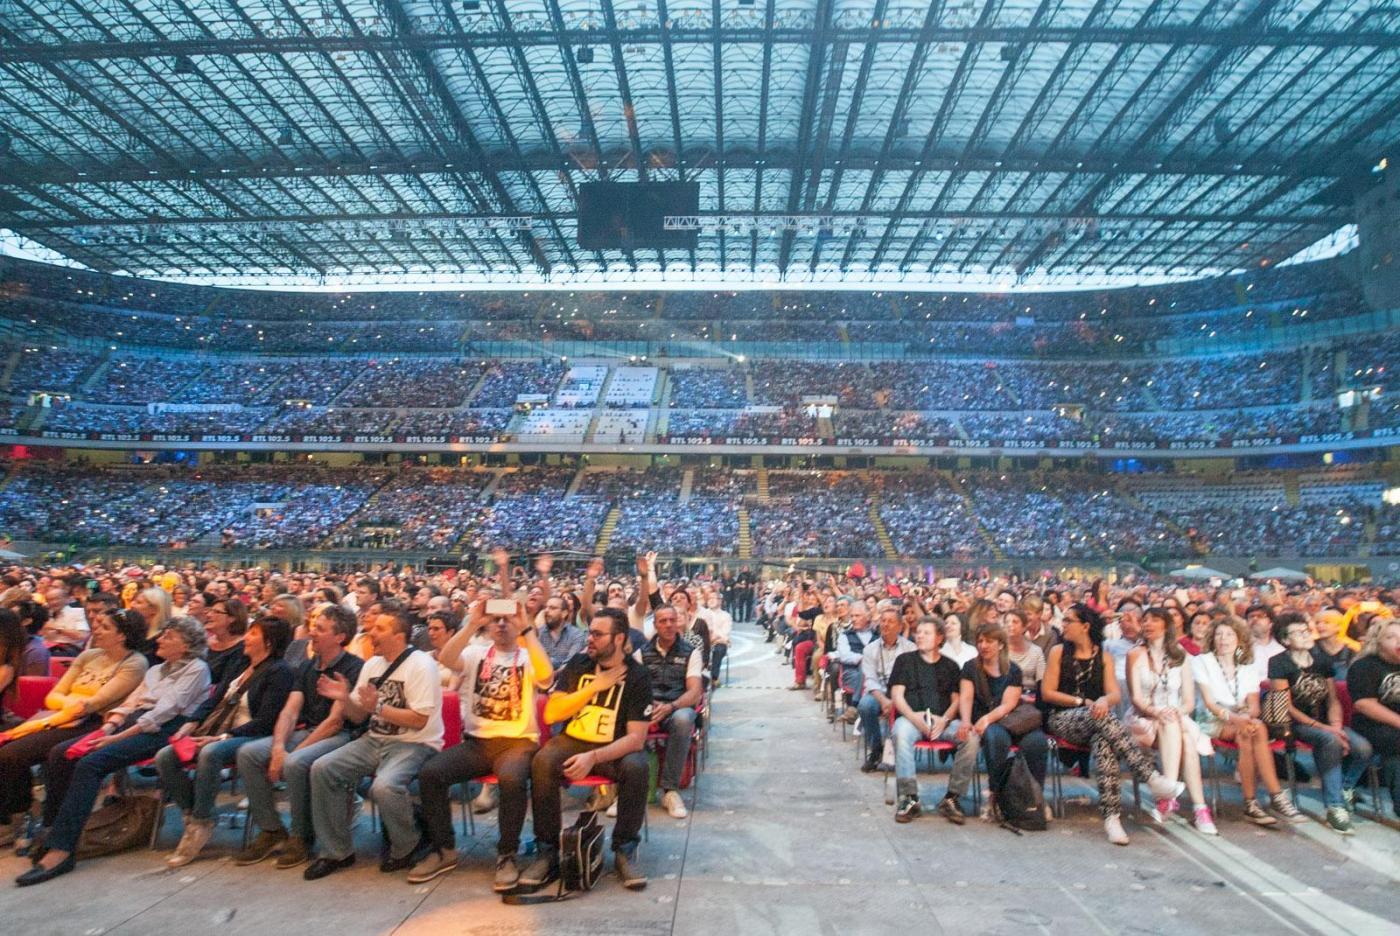 Concerto Pooh Reunion 2016 Stadio Meazza di Milano